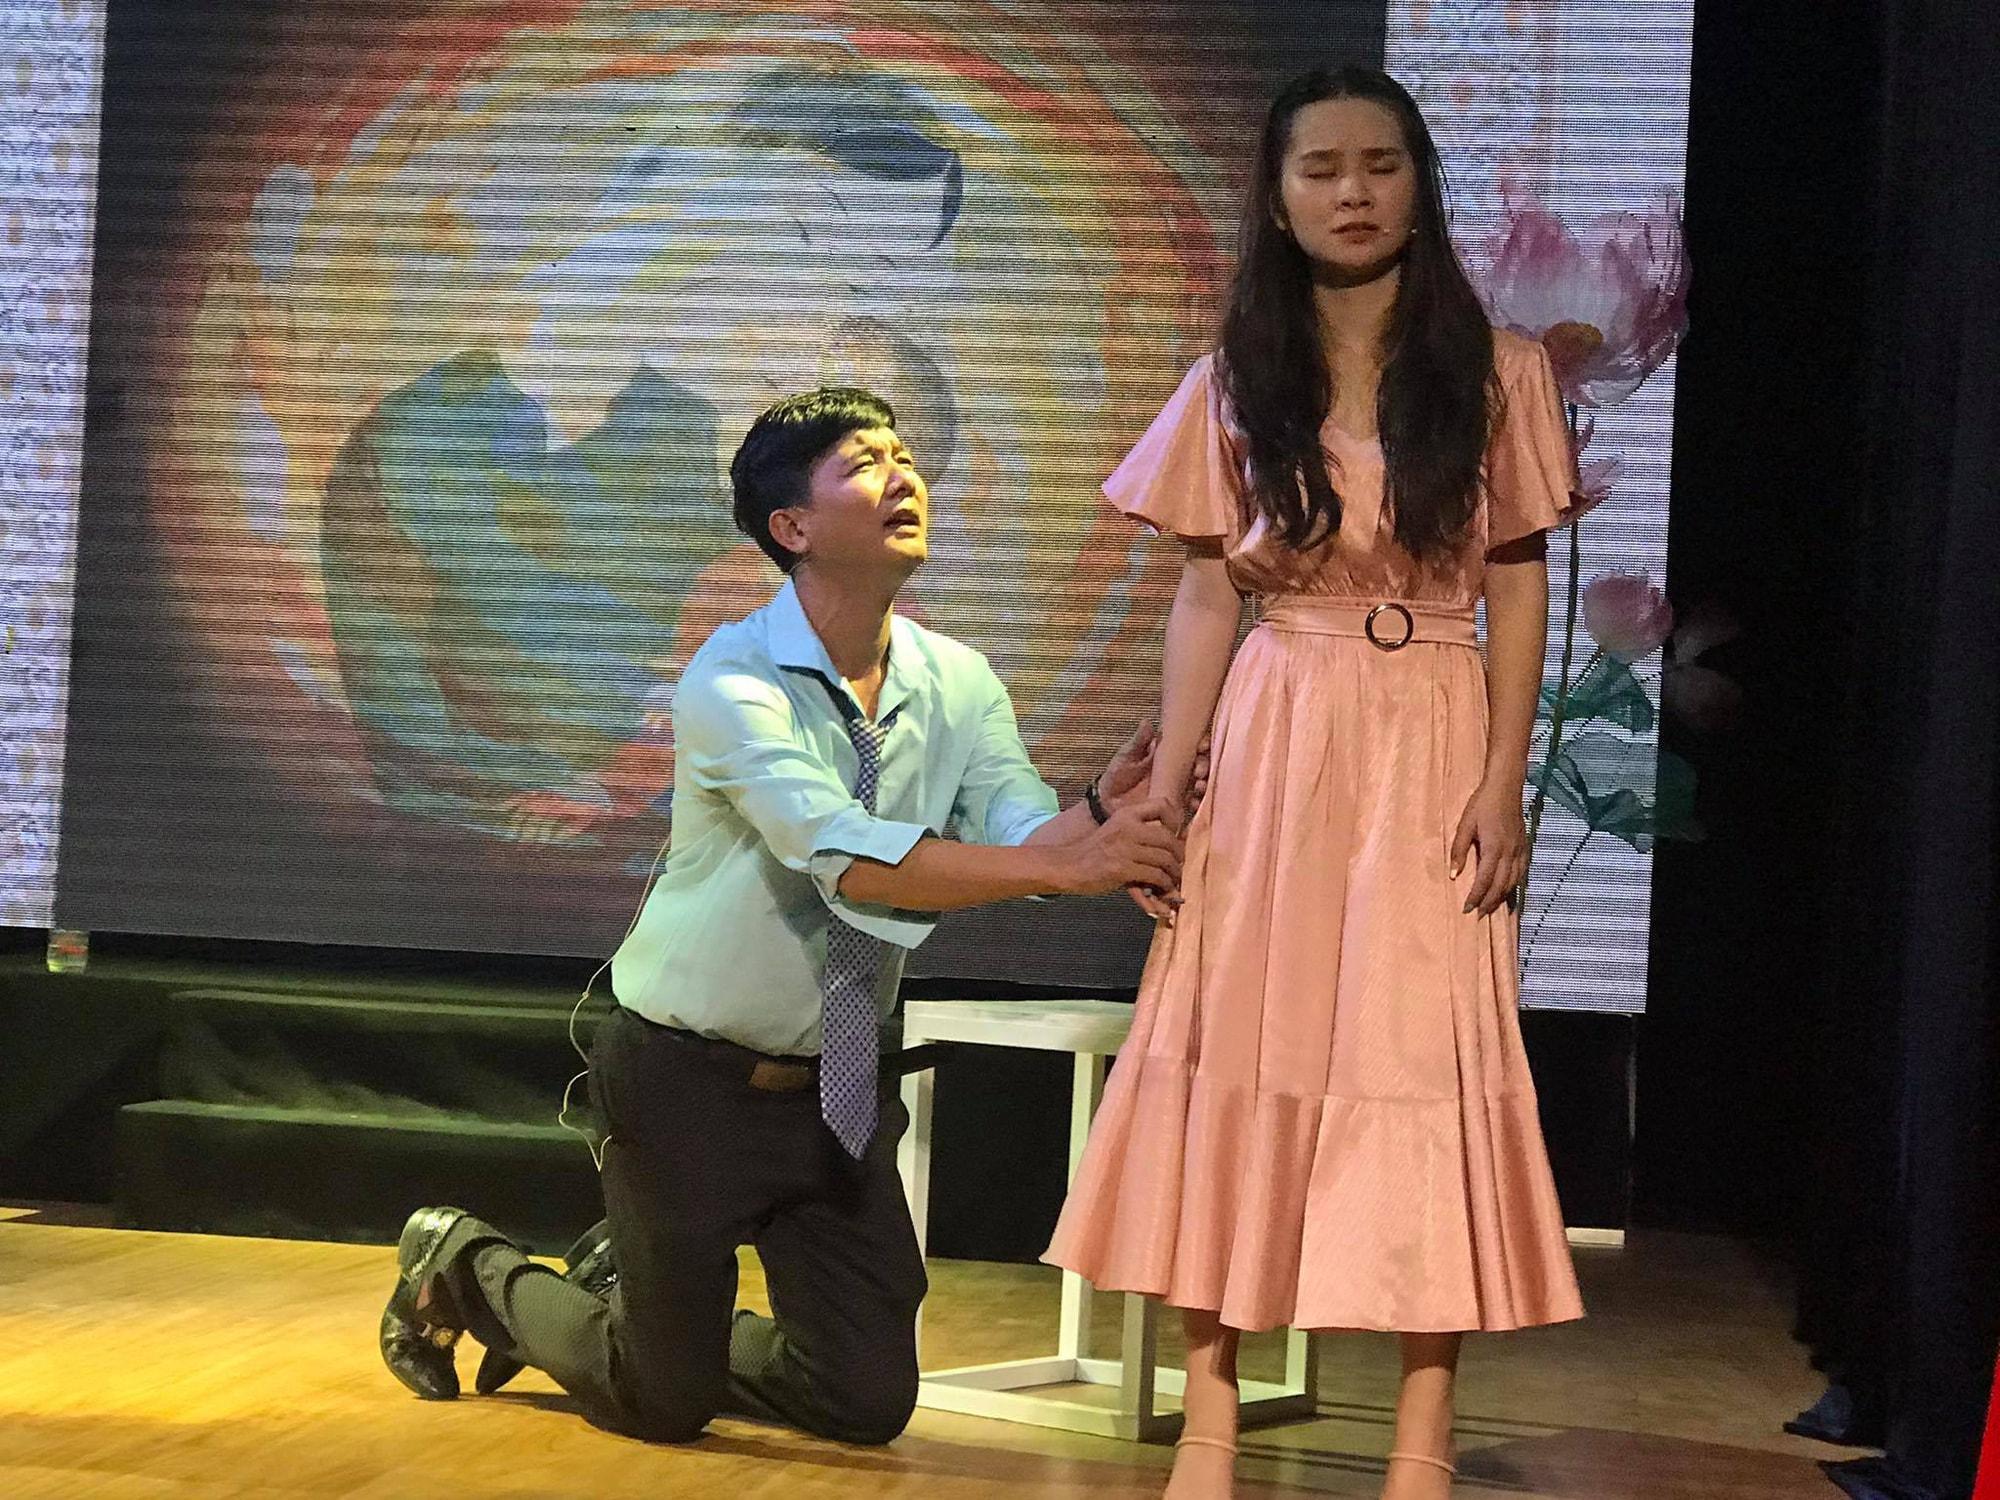 Án tình của sân khấu nhỏ Sen Việt, ba nghệ sĩ cuốn hút người xem - Ảnh 2.